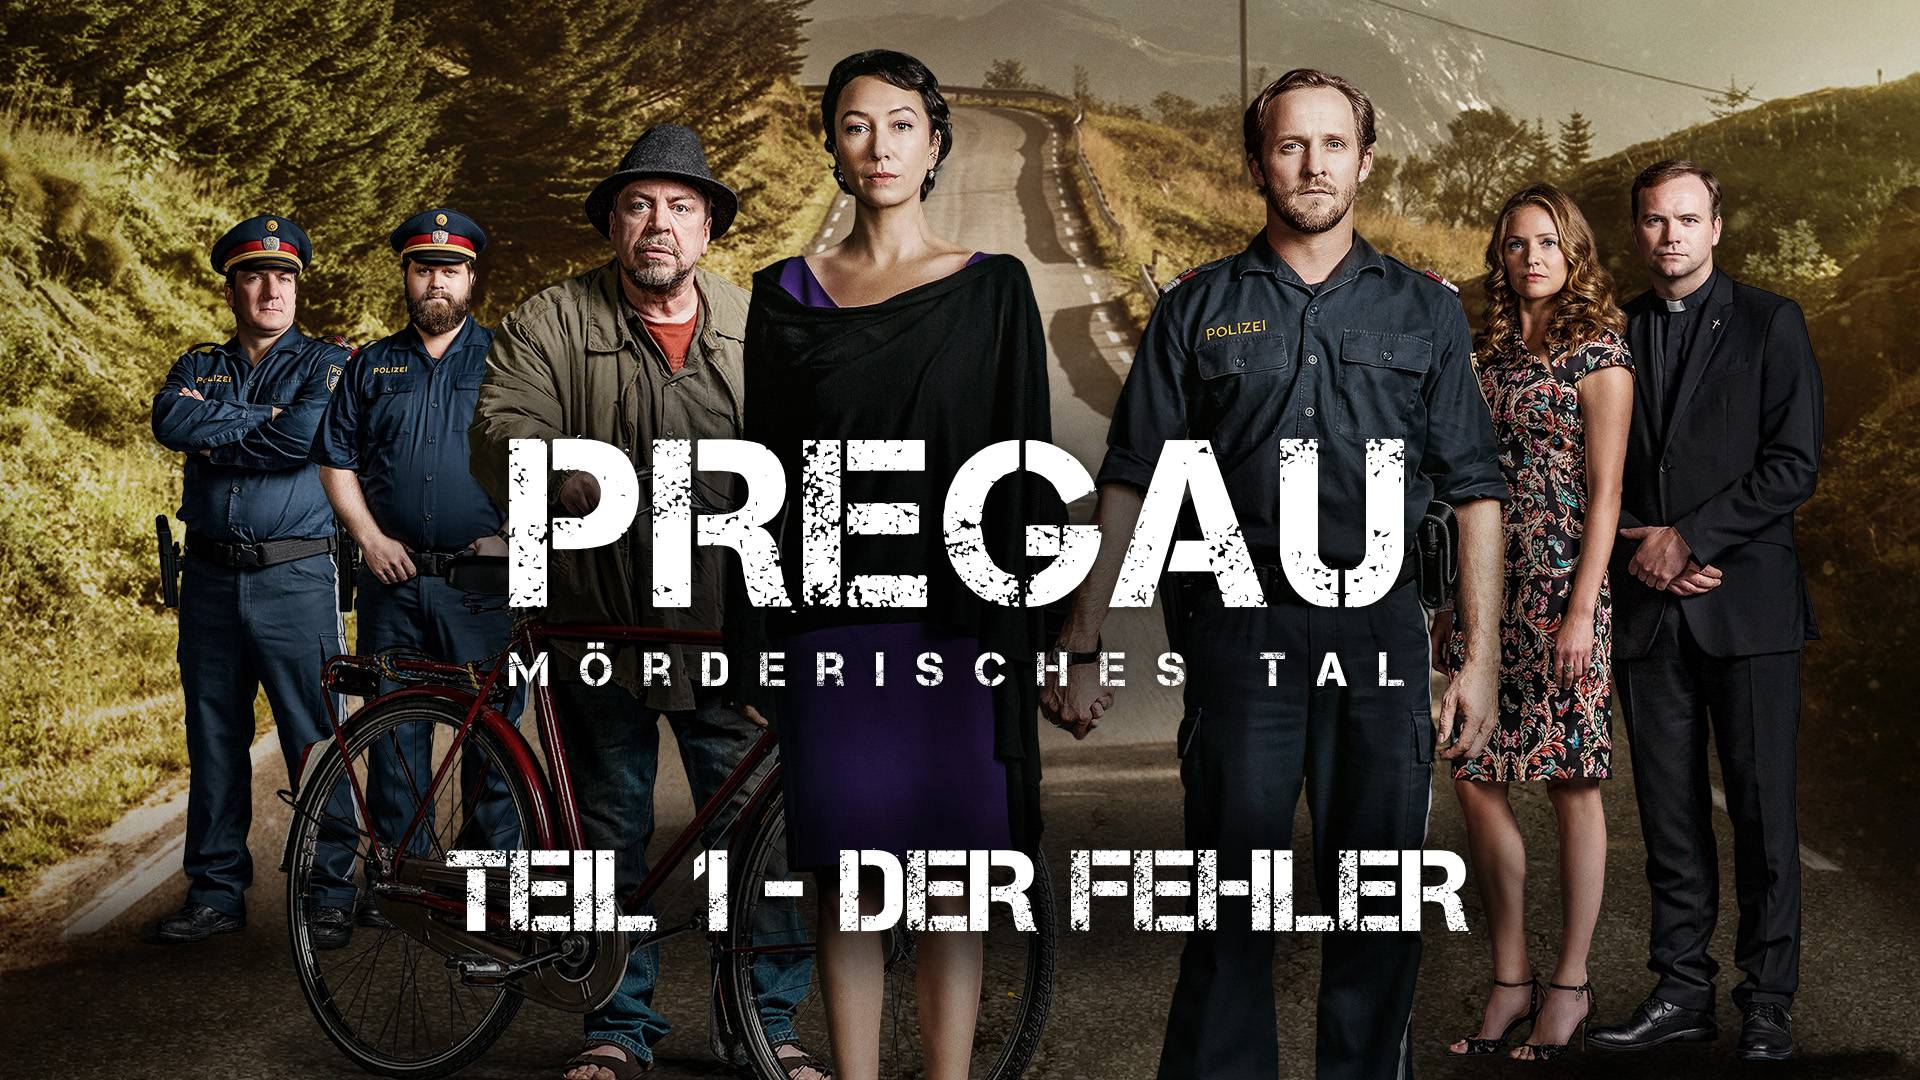 Pregau - Mörderisches Tal, Teil 1 - Der Fehler